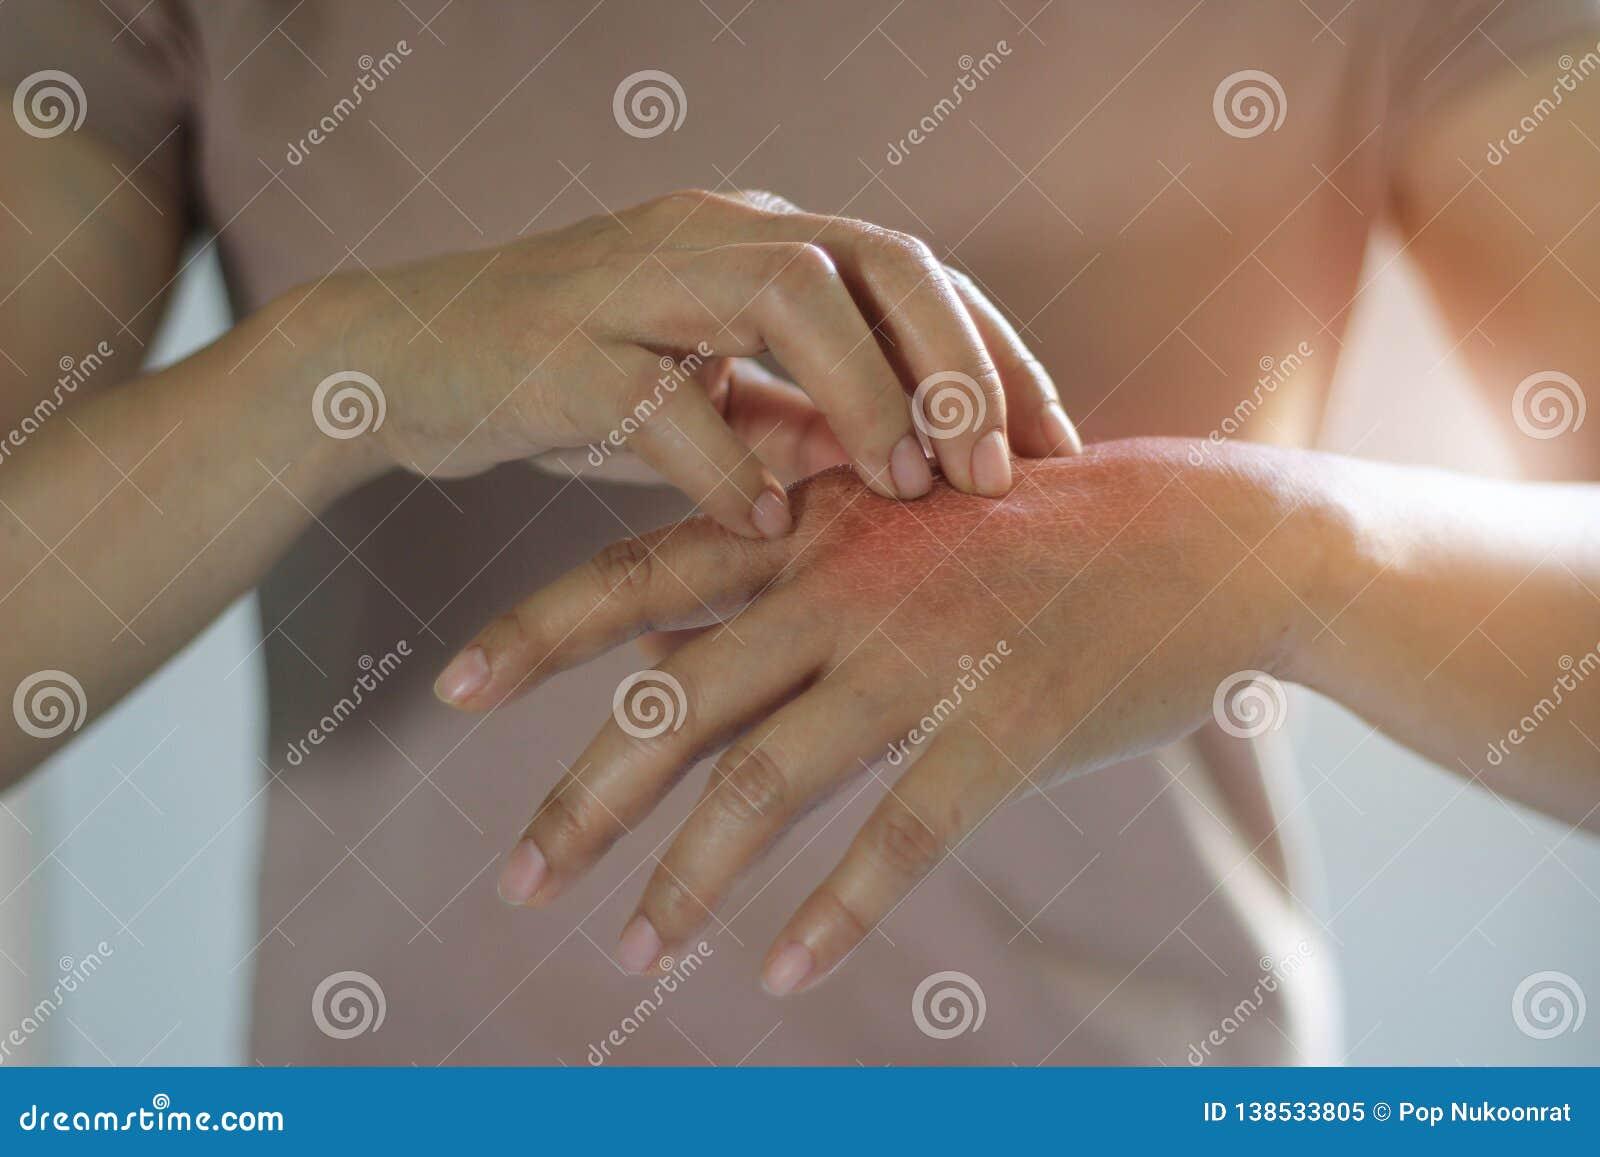 Sanità e concetto medico Femmina che graffia il prurito sulla sua mano, causa di itching dalle malattie della pelle